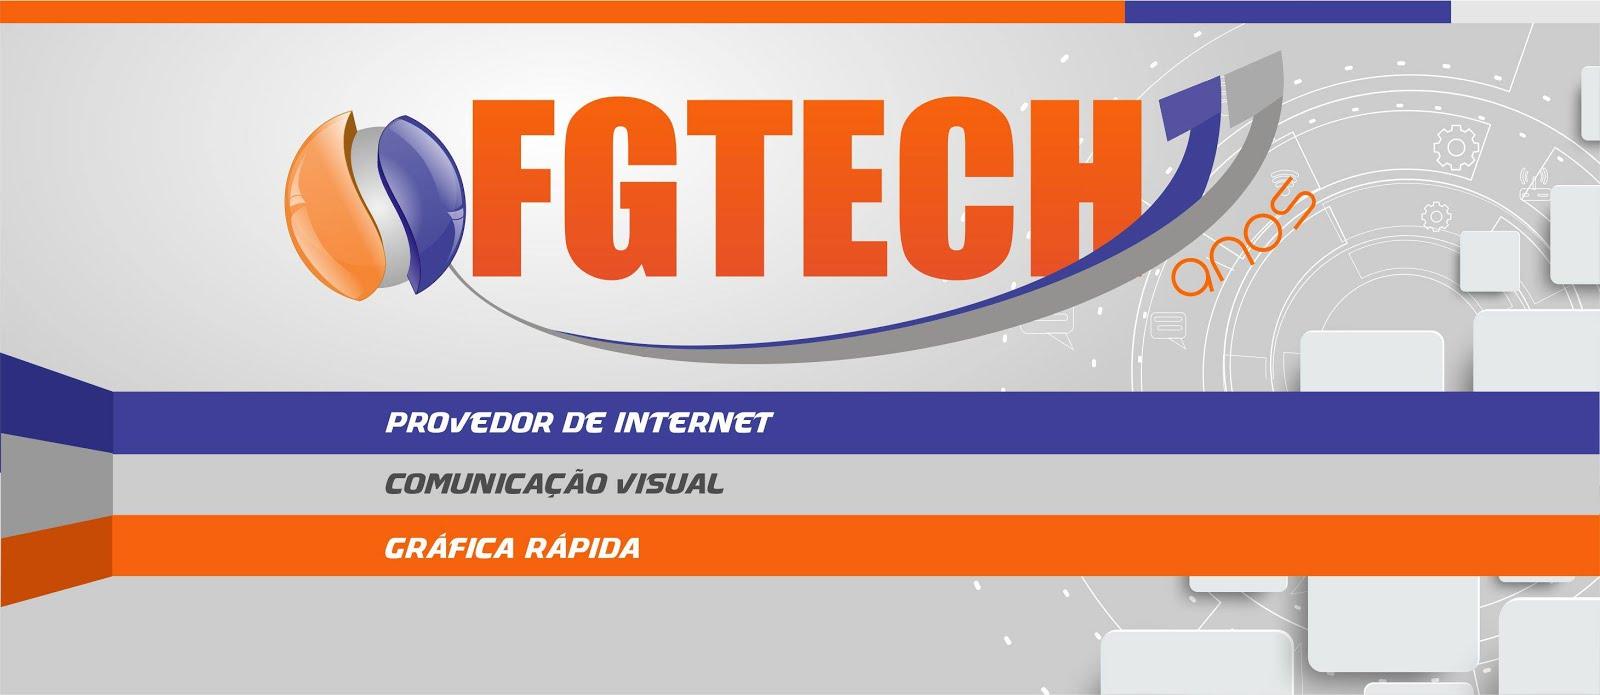 Os Novos Planos de Internet da FGTECH chegaram! Confira